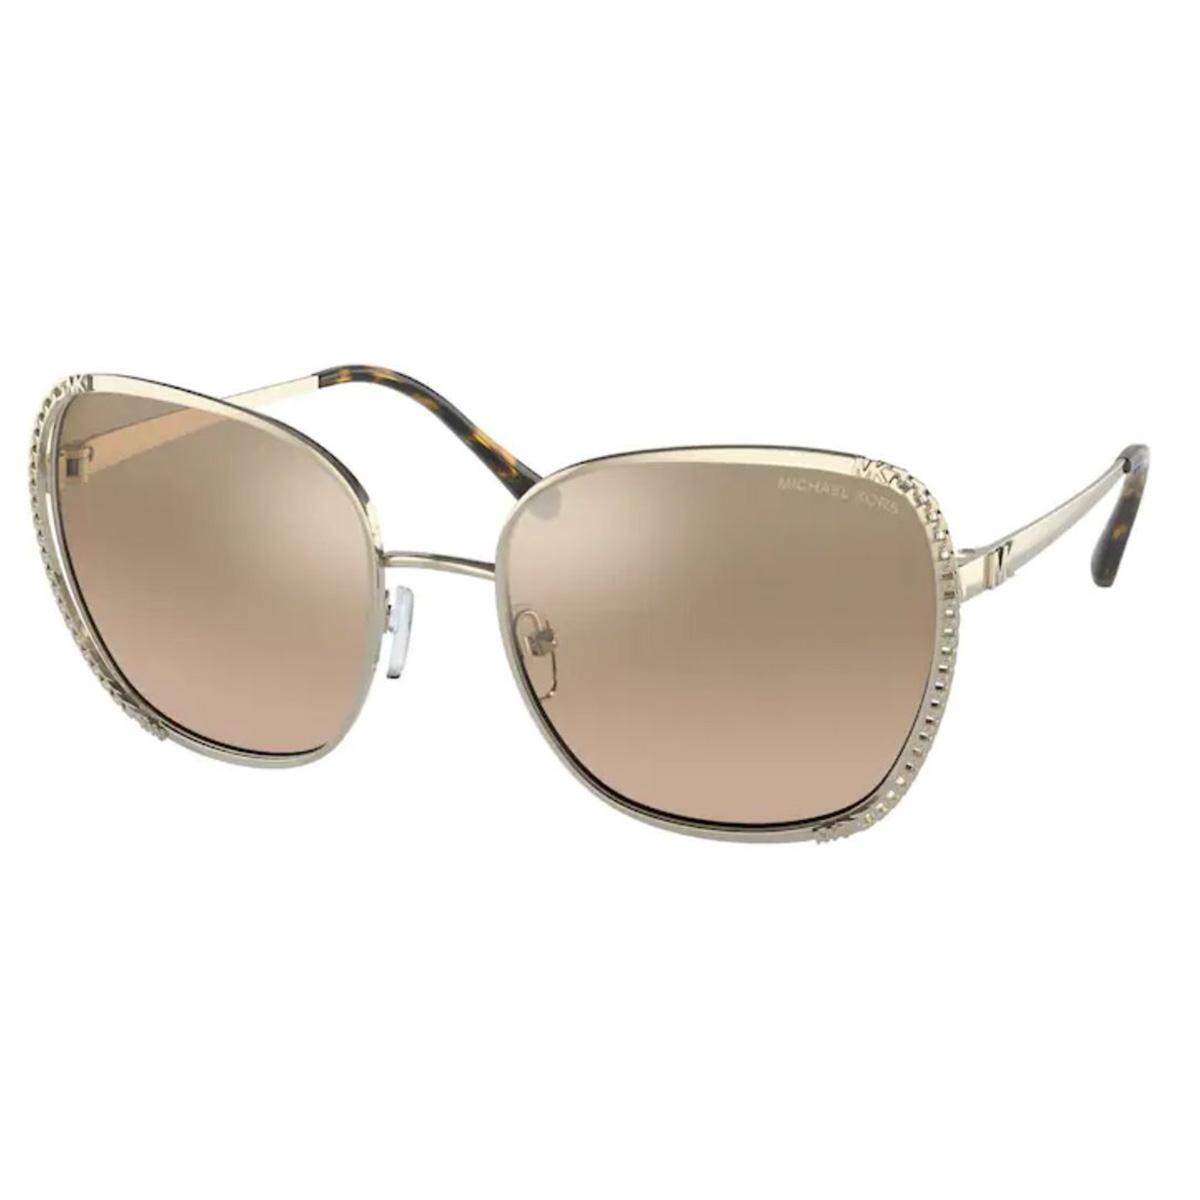 Óculos de Sol Michael Kors Amsterdam MK1090 Dourado Espelhado